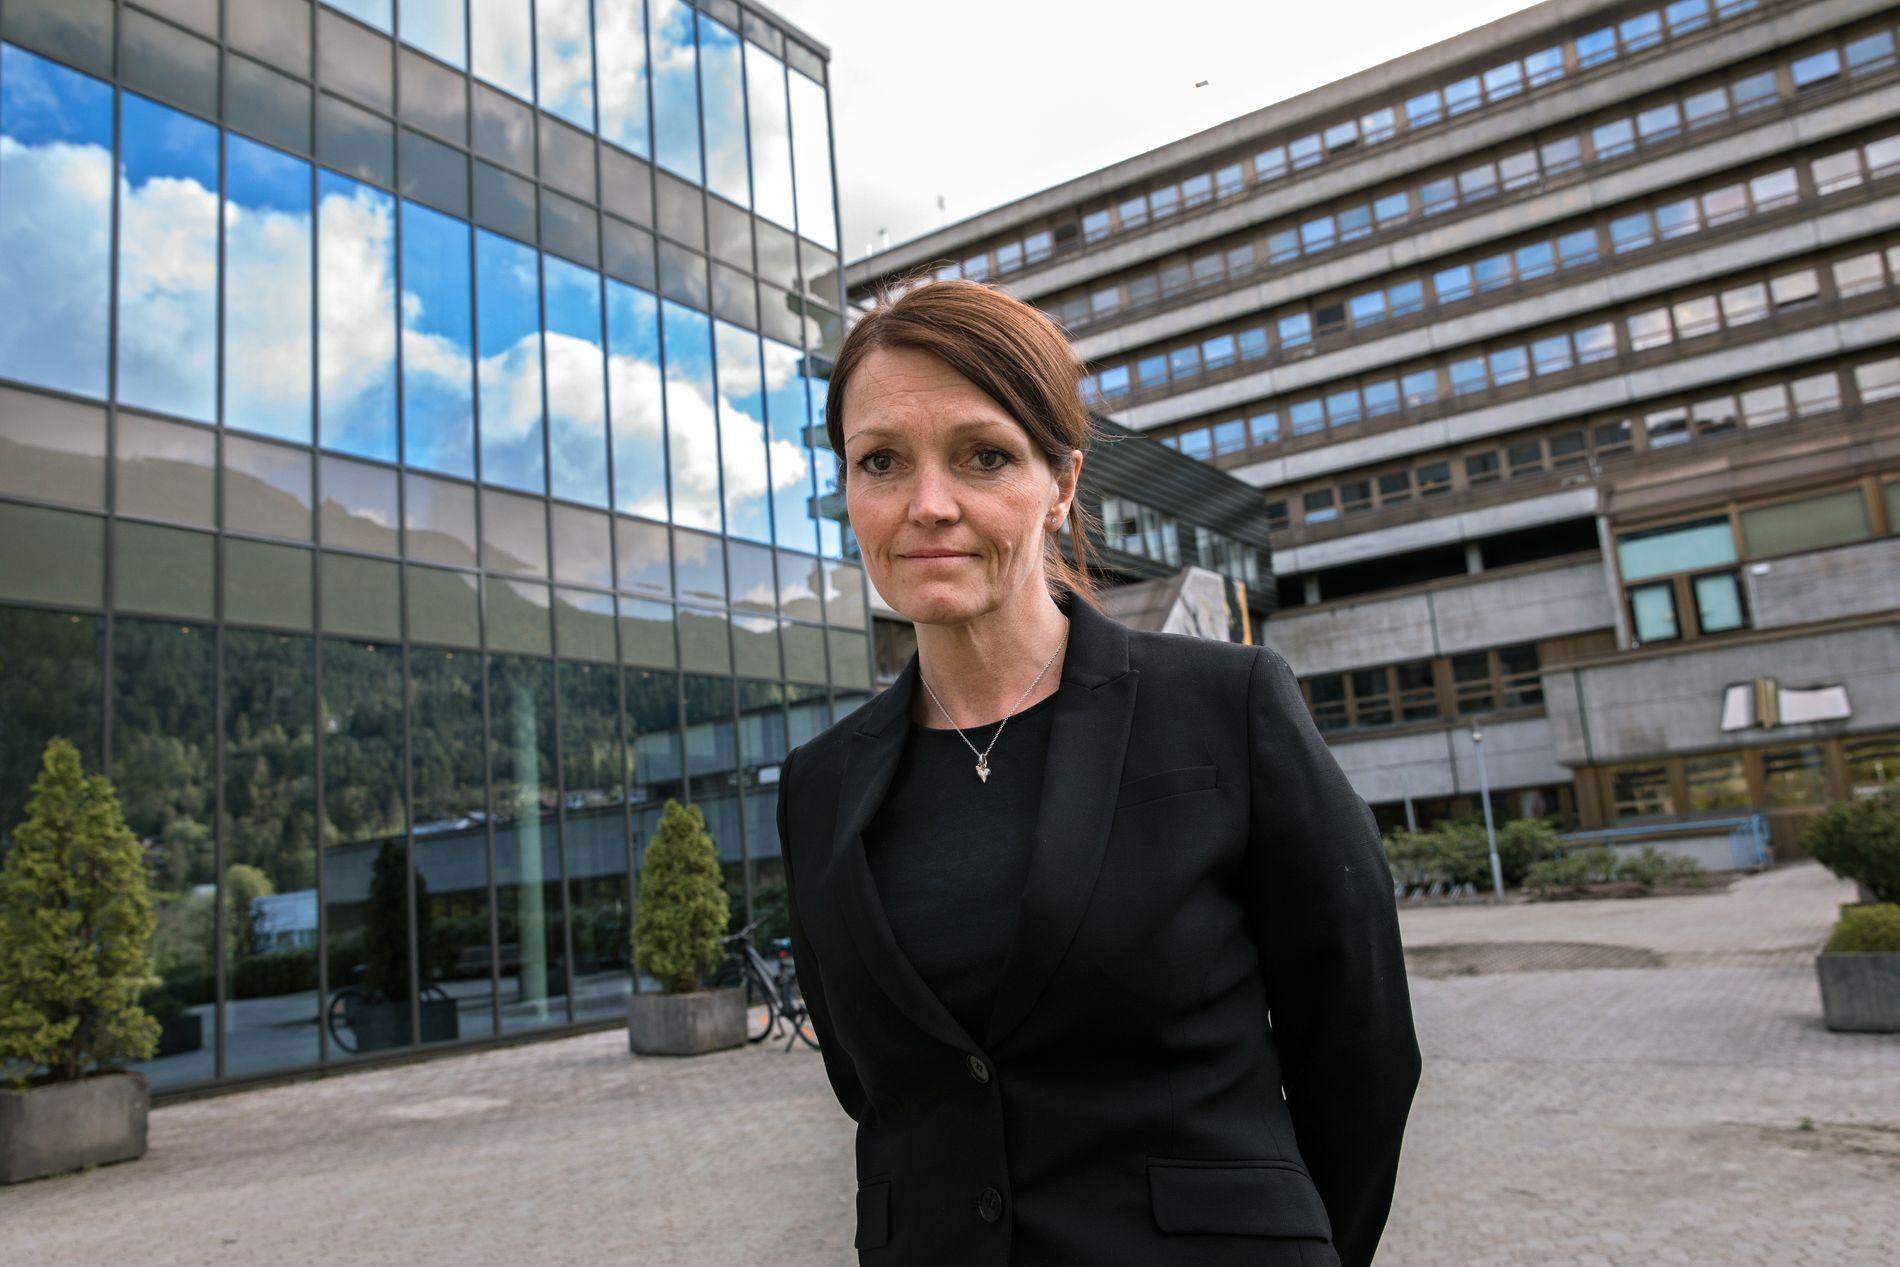 DØDE PÅ SYKEHUSET: Fagdirektør ved sykehuset Førde, Trine Hunskår Vingsnes, bekrefter at pasienten som har vært innlagt med rabies er død.